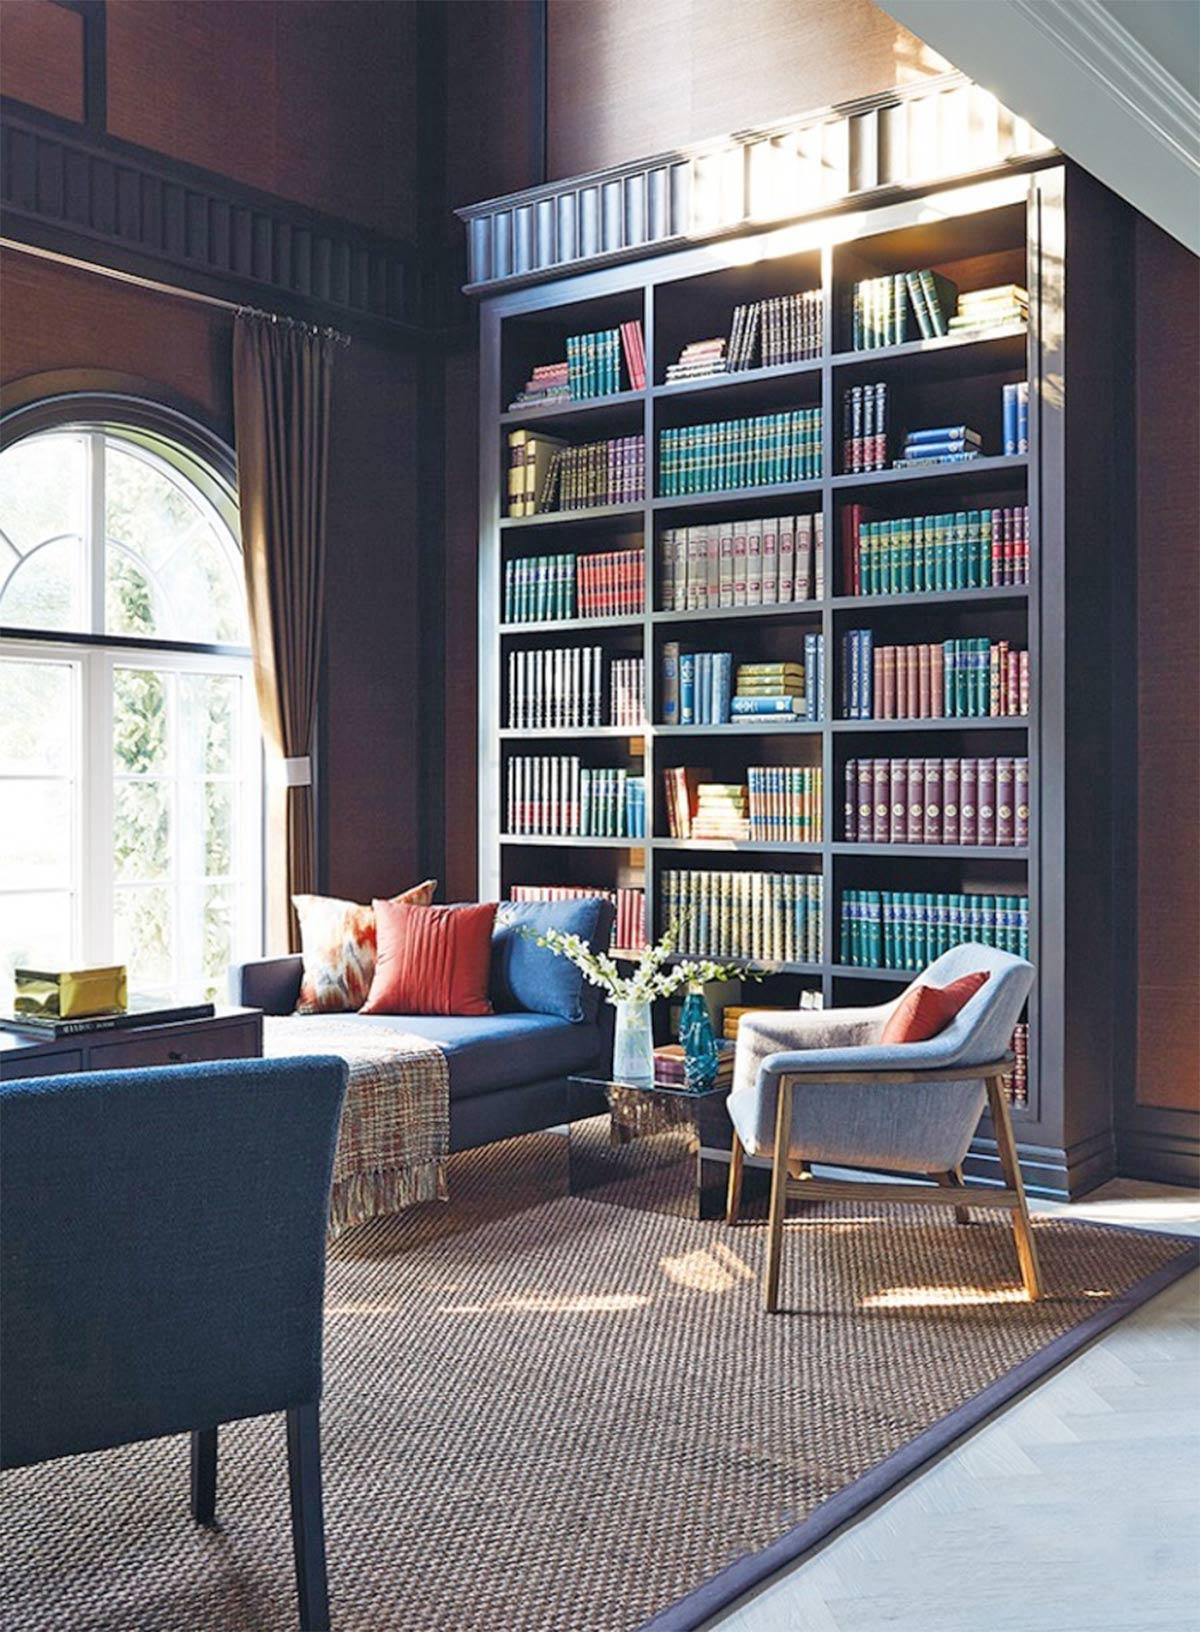 Phòng sách với ánh sáng tự nhiên dồi dào